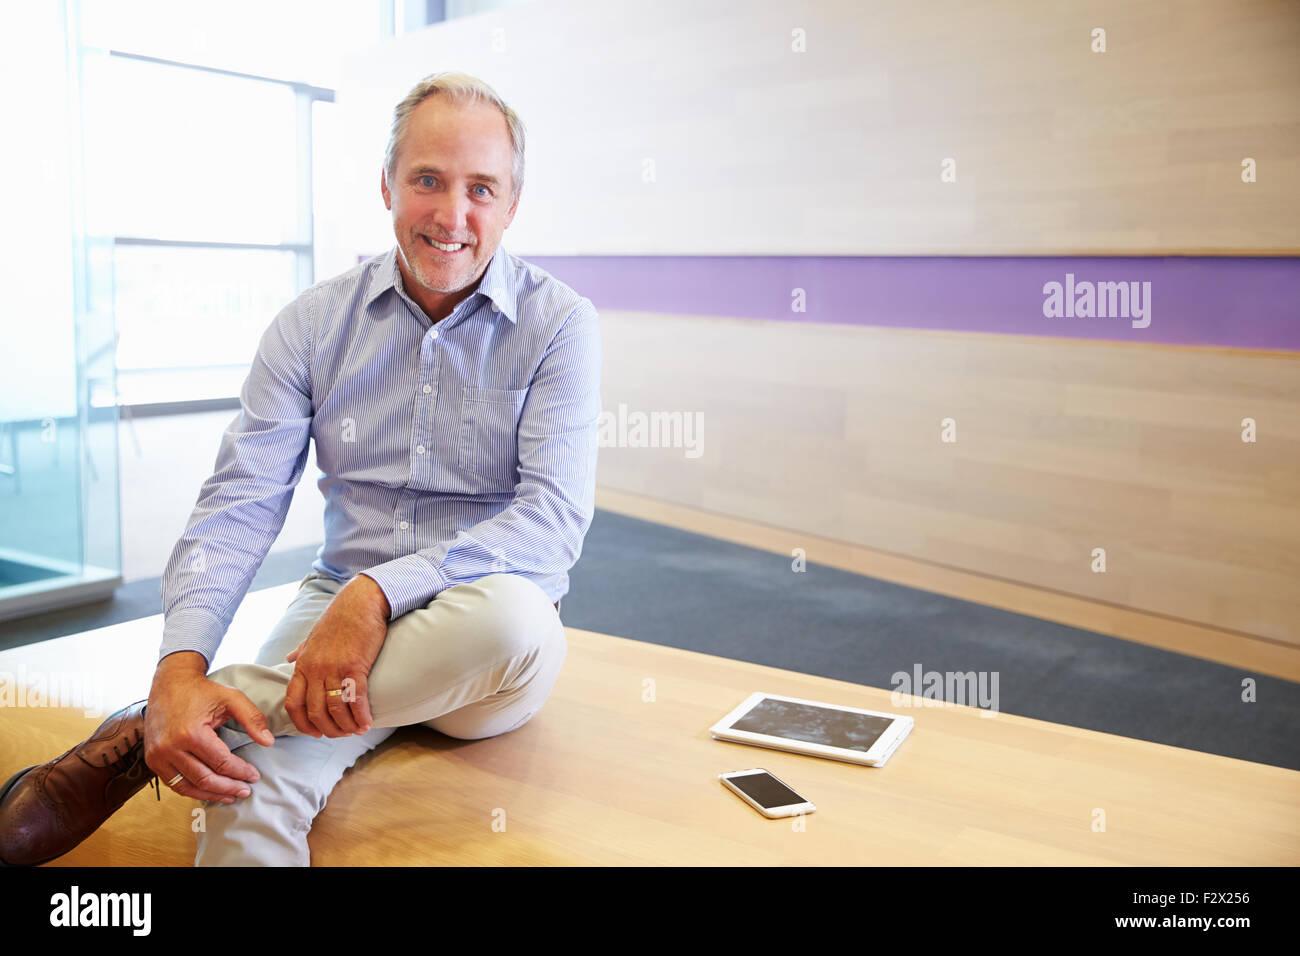 Smart casual man ordinateur tablette et smart phone Photo Stock